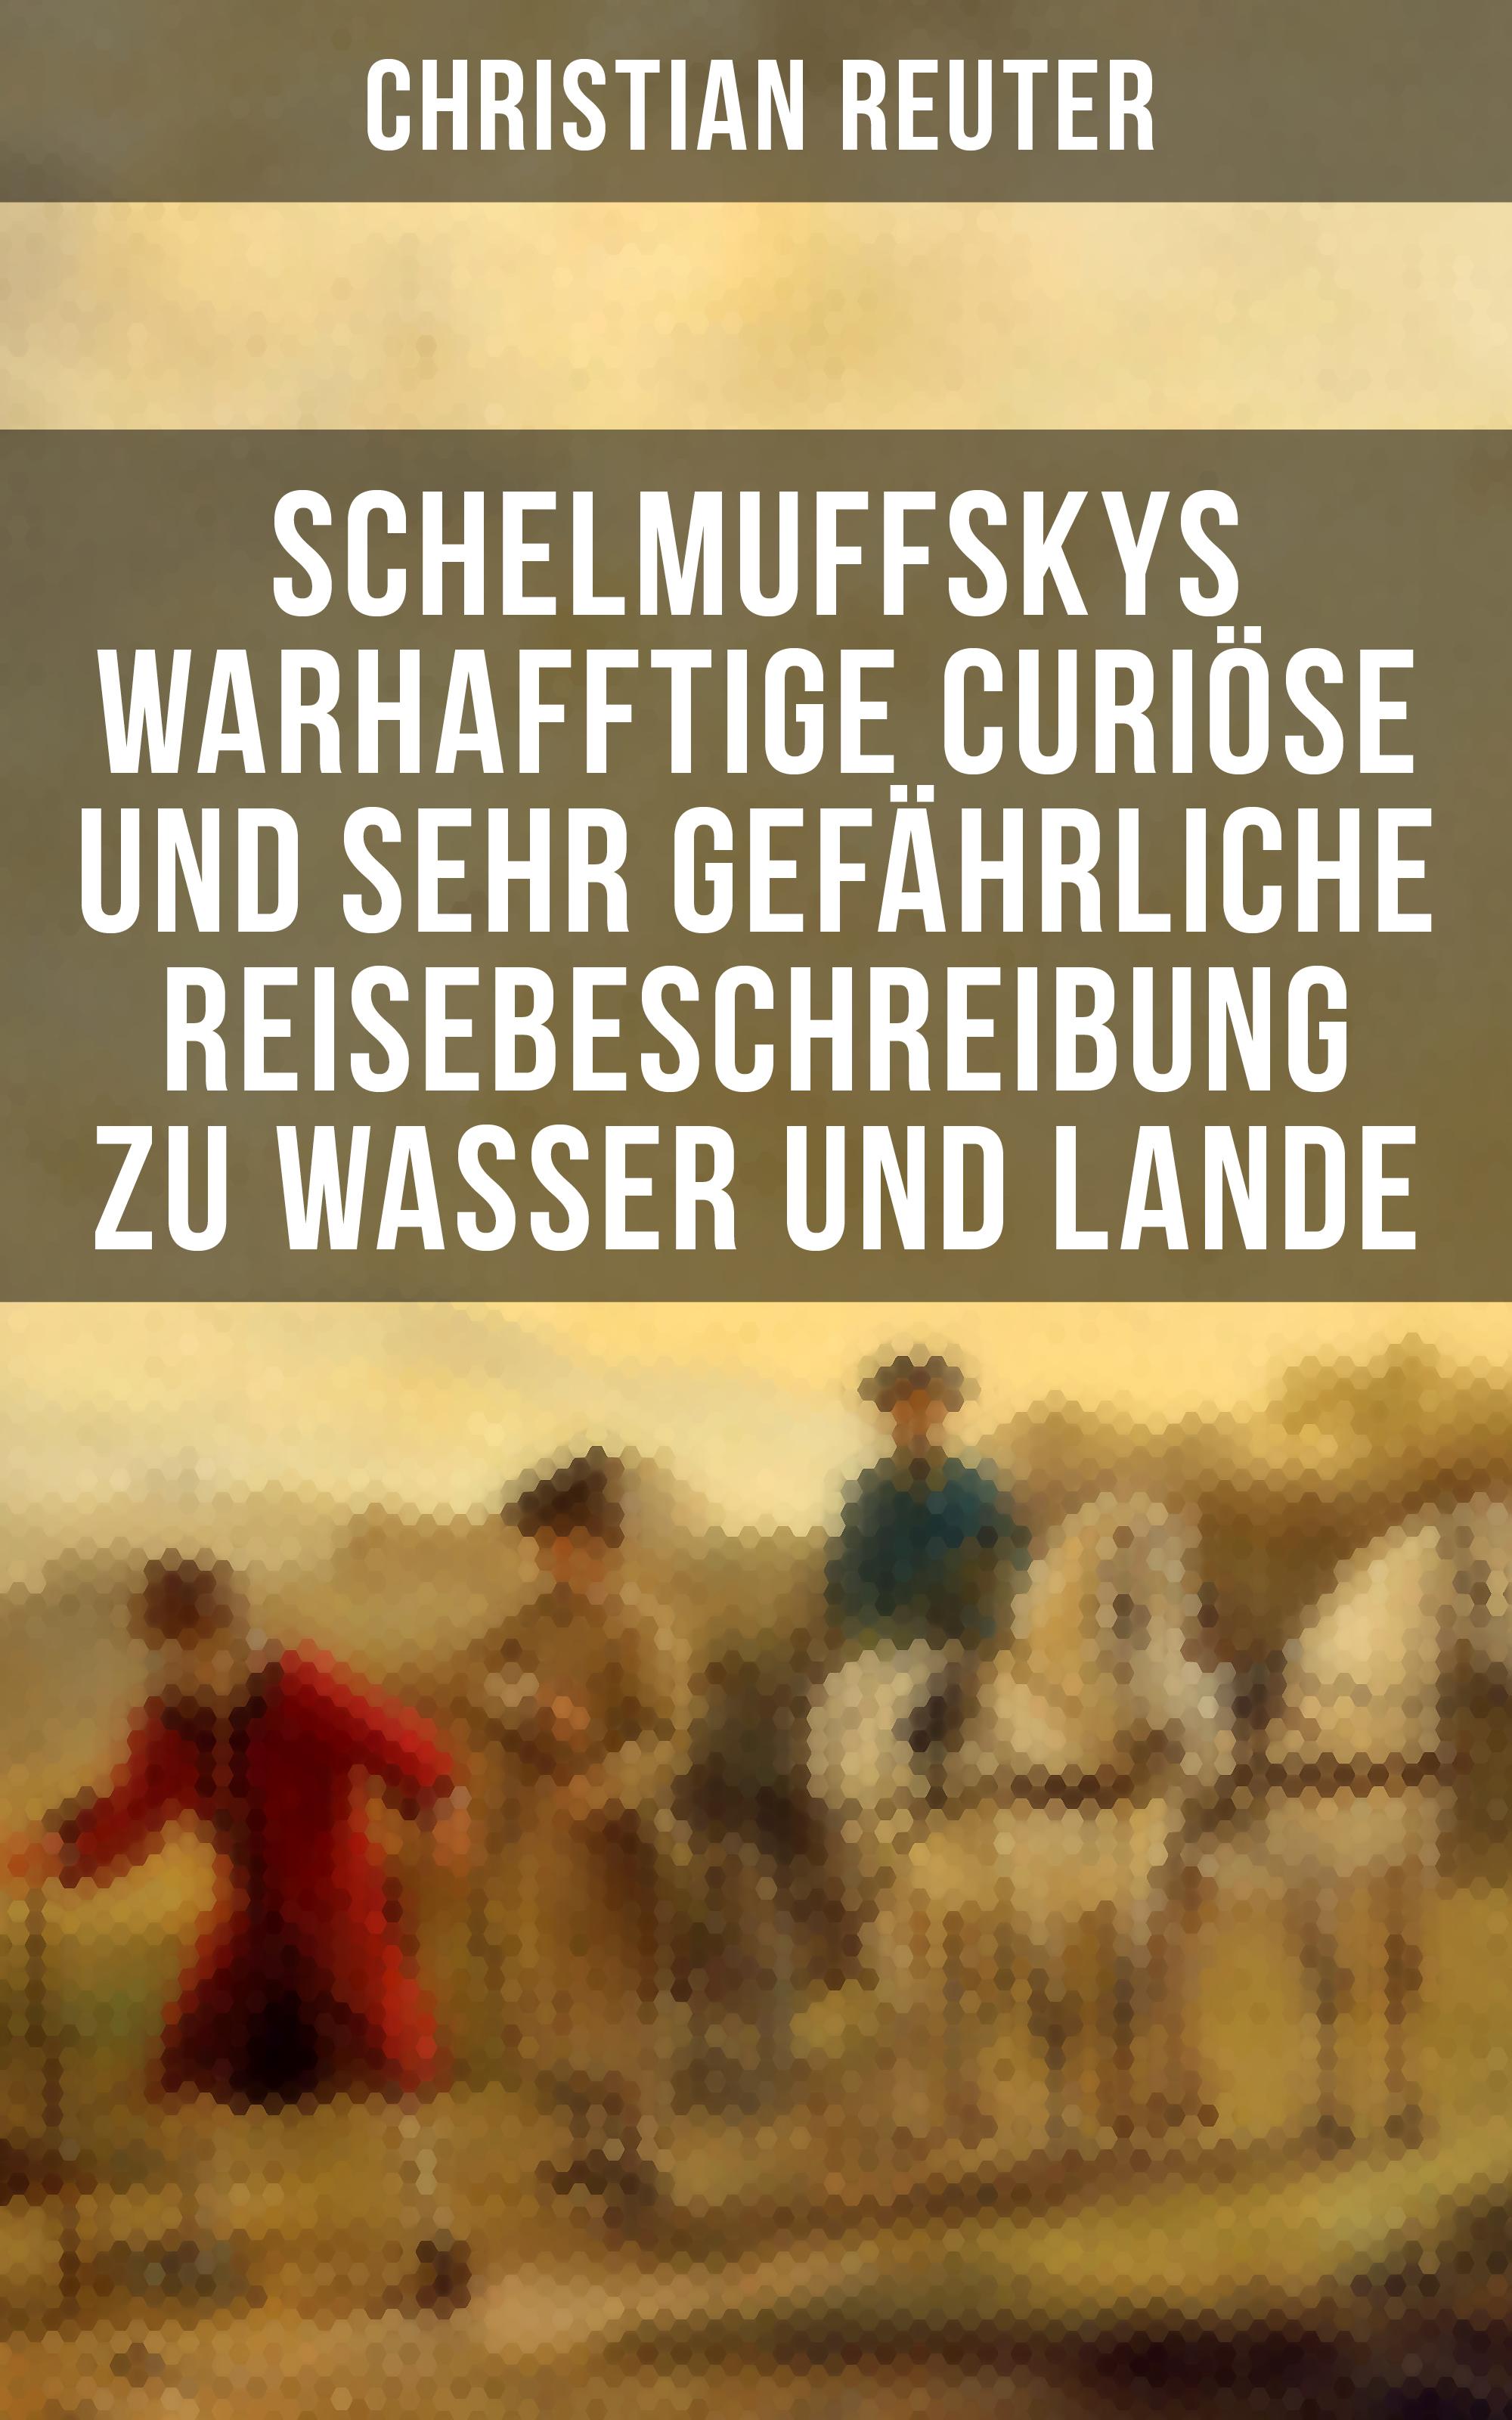 Christian Reuter Schelmuffskys warhafftige curiöse und sehr gefährliche Reisebeschreibung zu Wasser und Lande